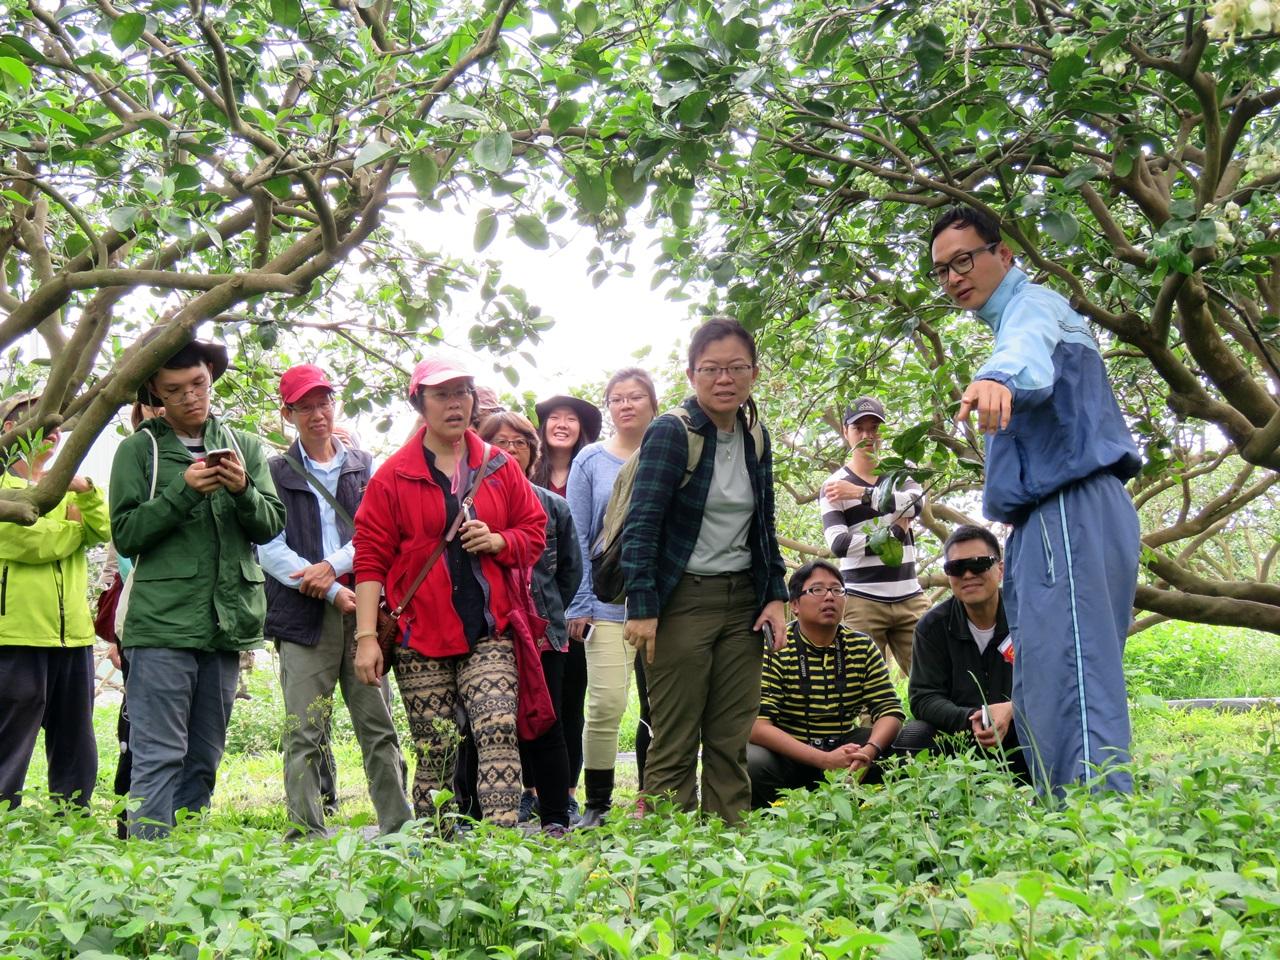 【柚子新樂園~柚說柚笑甜蜜蜜】農事體驗活動 開始報名囉!